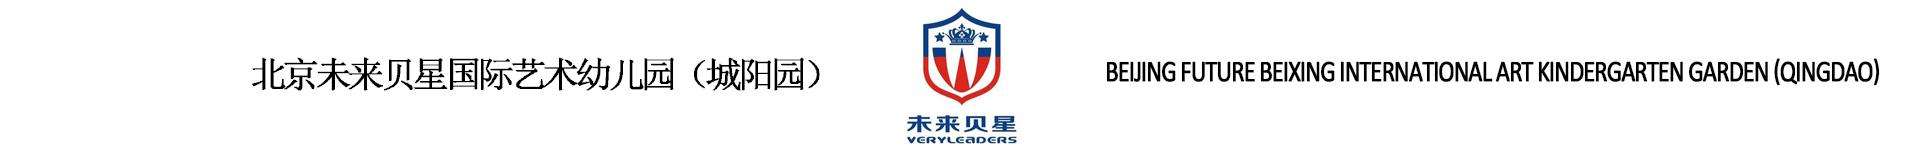 青岛未来贝星国际教育信息咨询有限公司